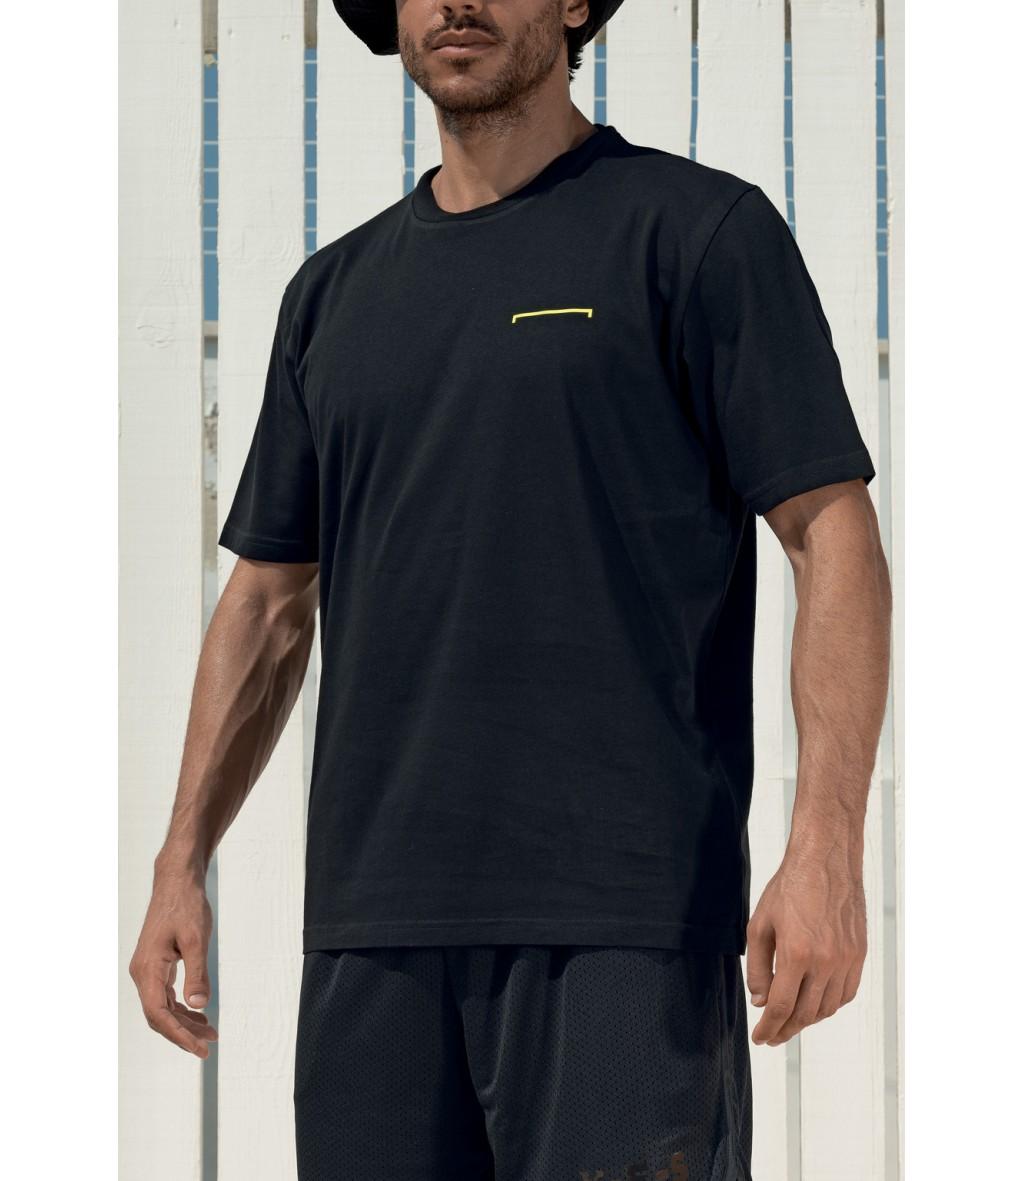 T-shirt da uomo in cotone nero girocollo Yes Your Everyday Superhero con stampa verticale del logo sul retro.